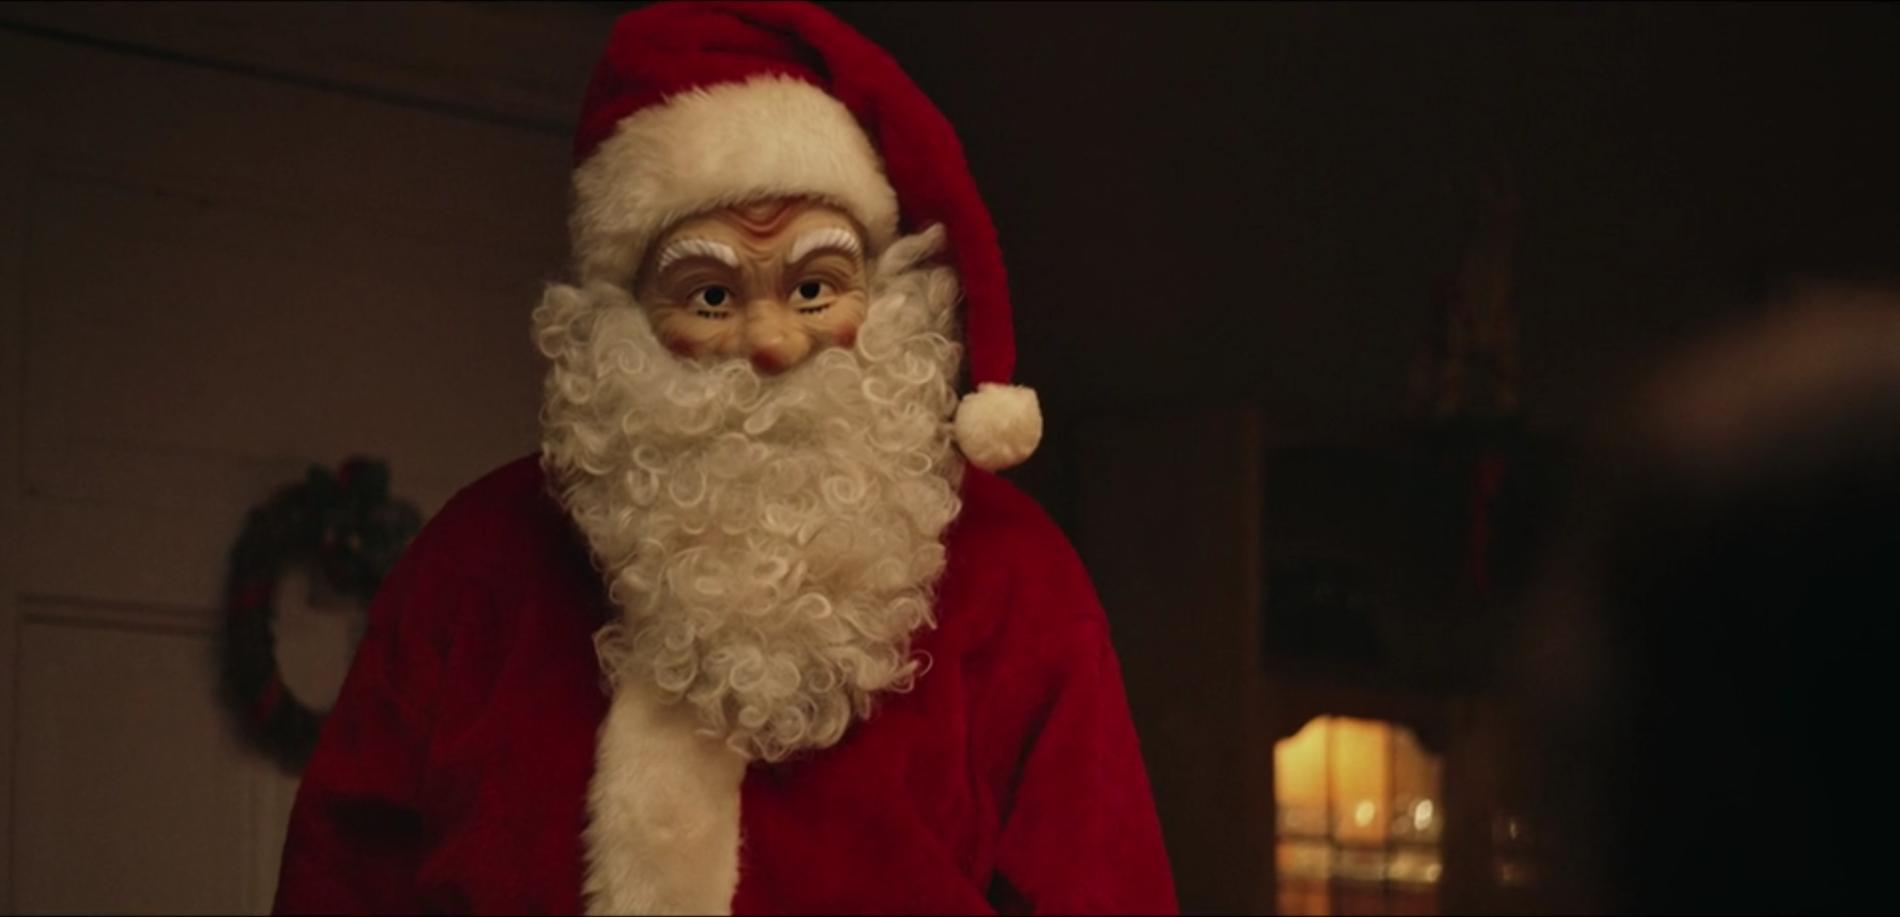 MORDEREN: Under julemiddagen avsløres det hvem som har tatt livet av familiemedlemmer hele desember.